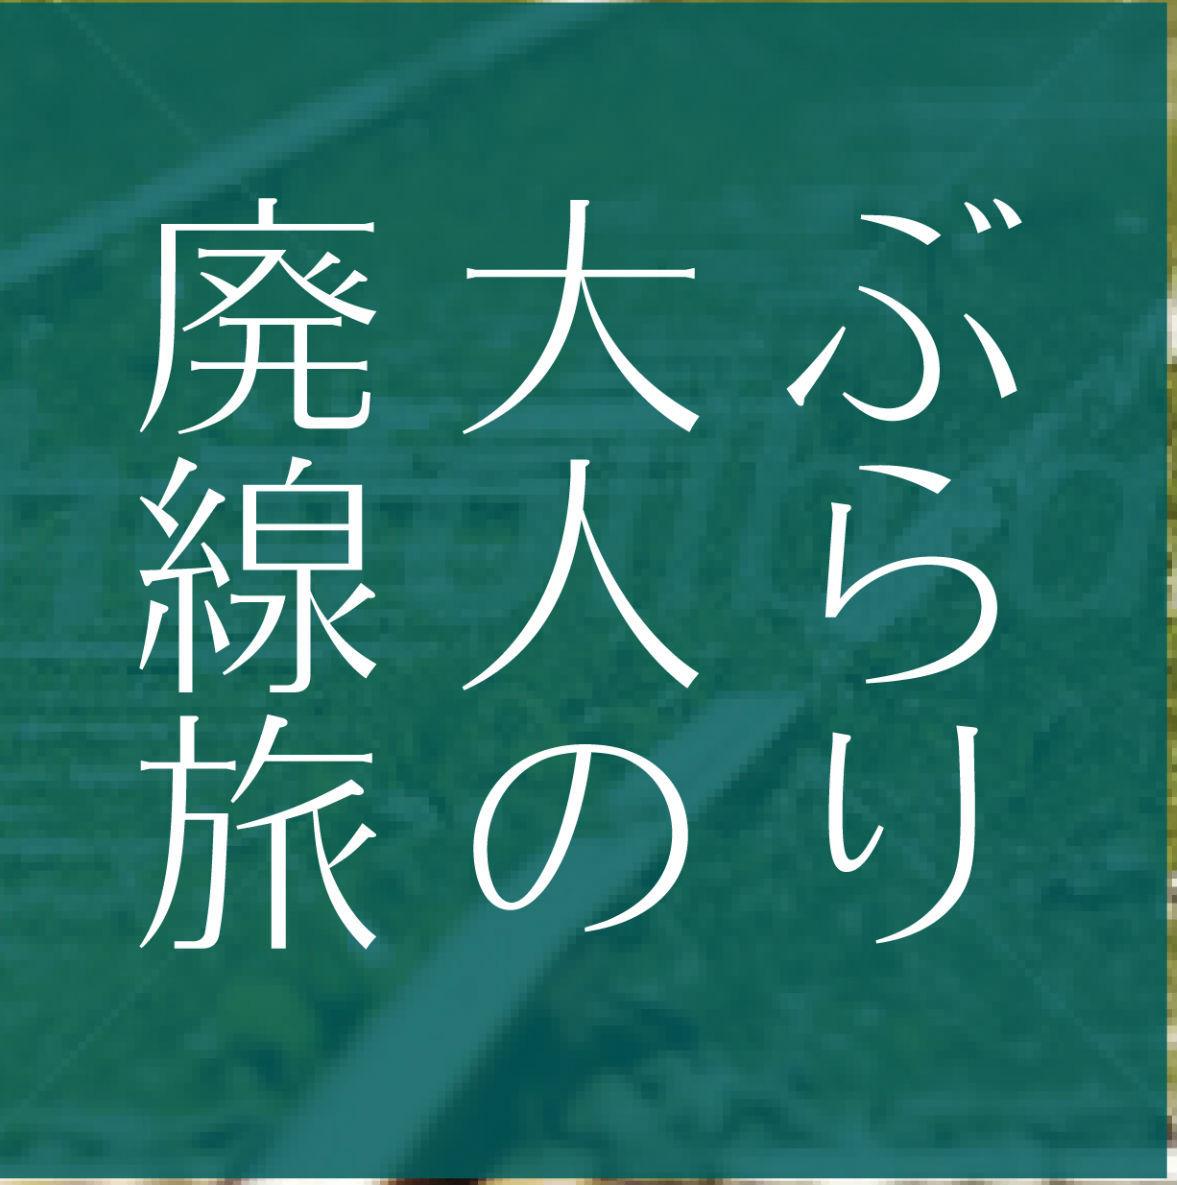 近鉄志摩線(旧線)【後編】かつての観光施設へ進む道